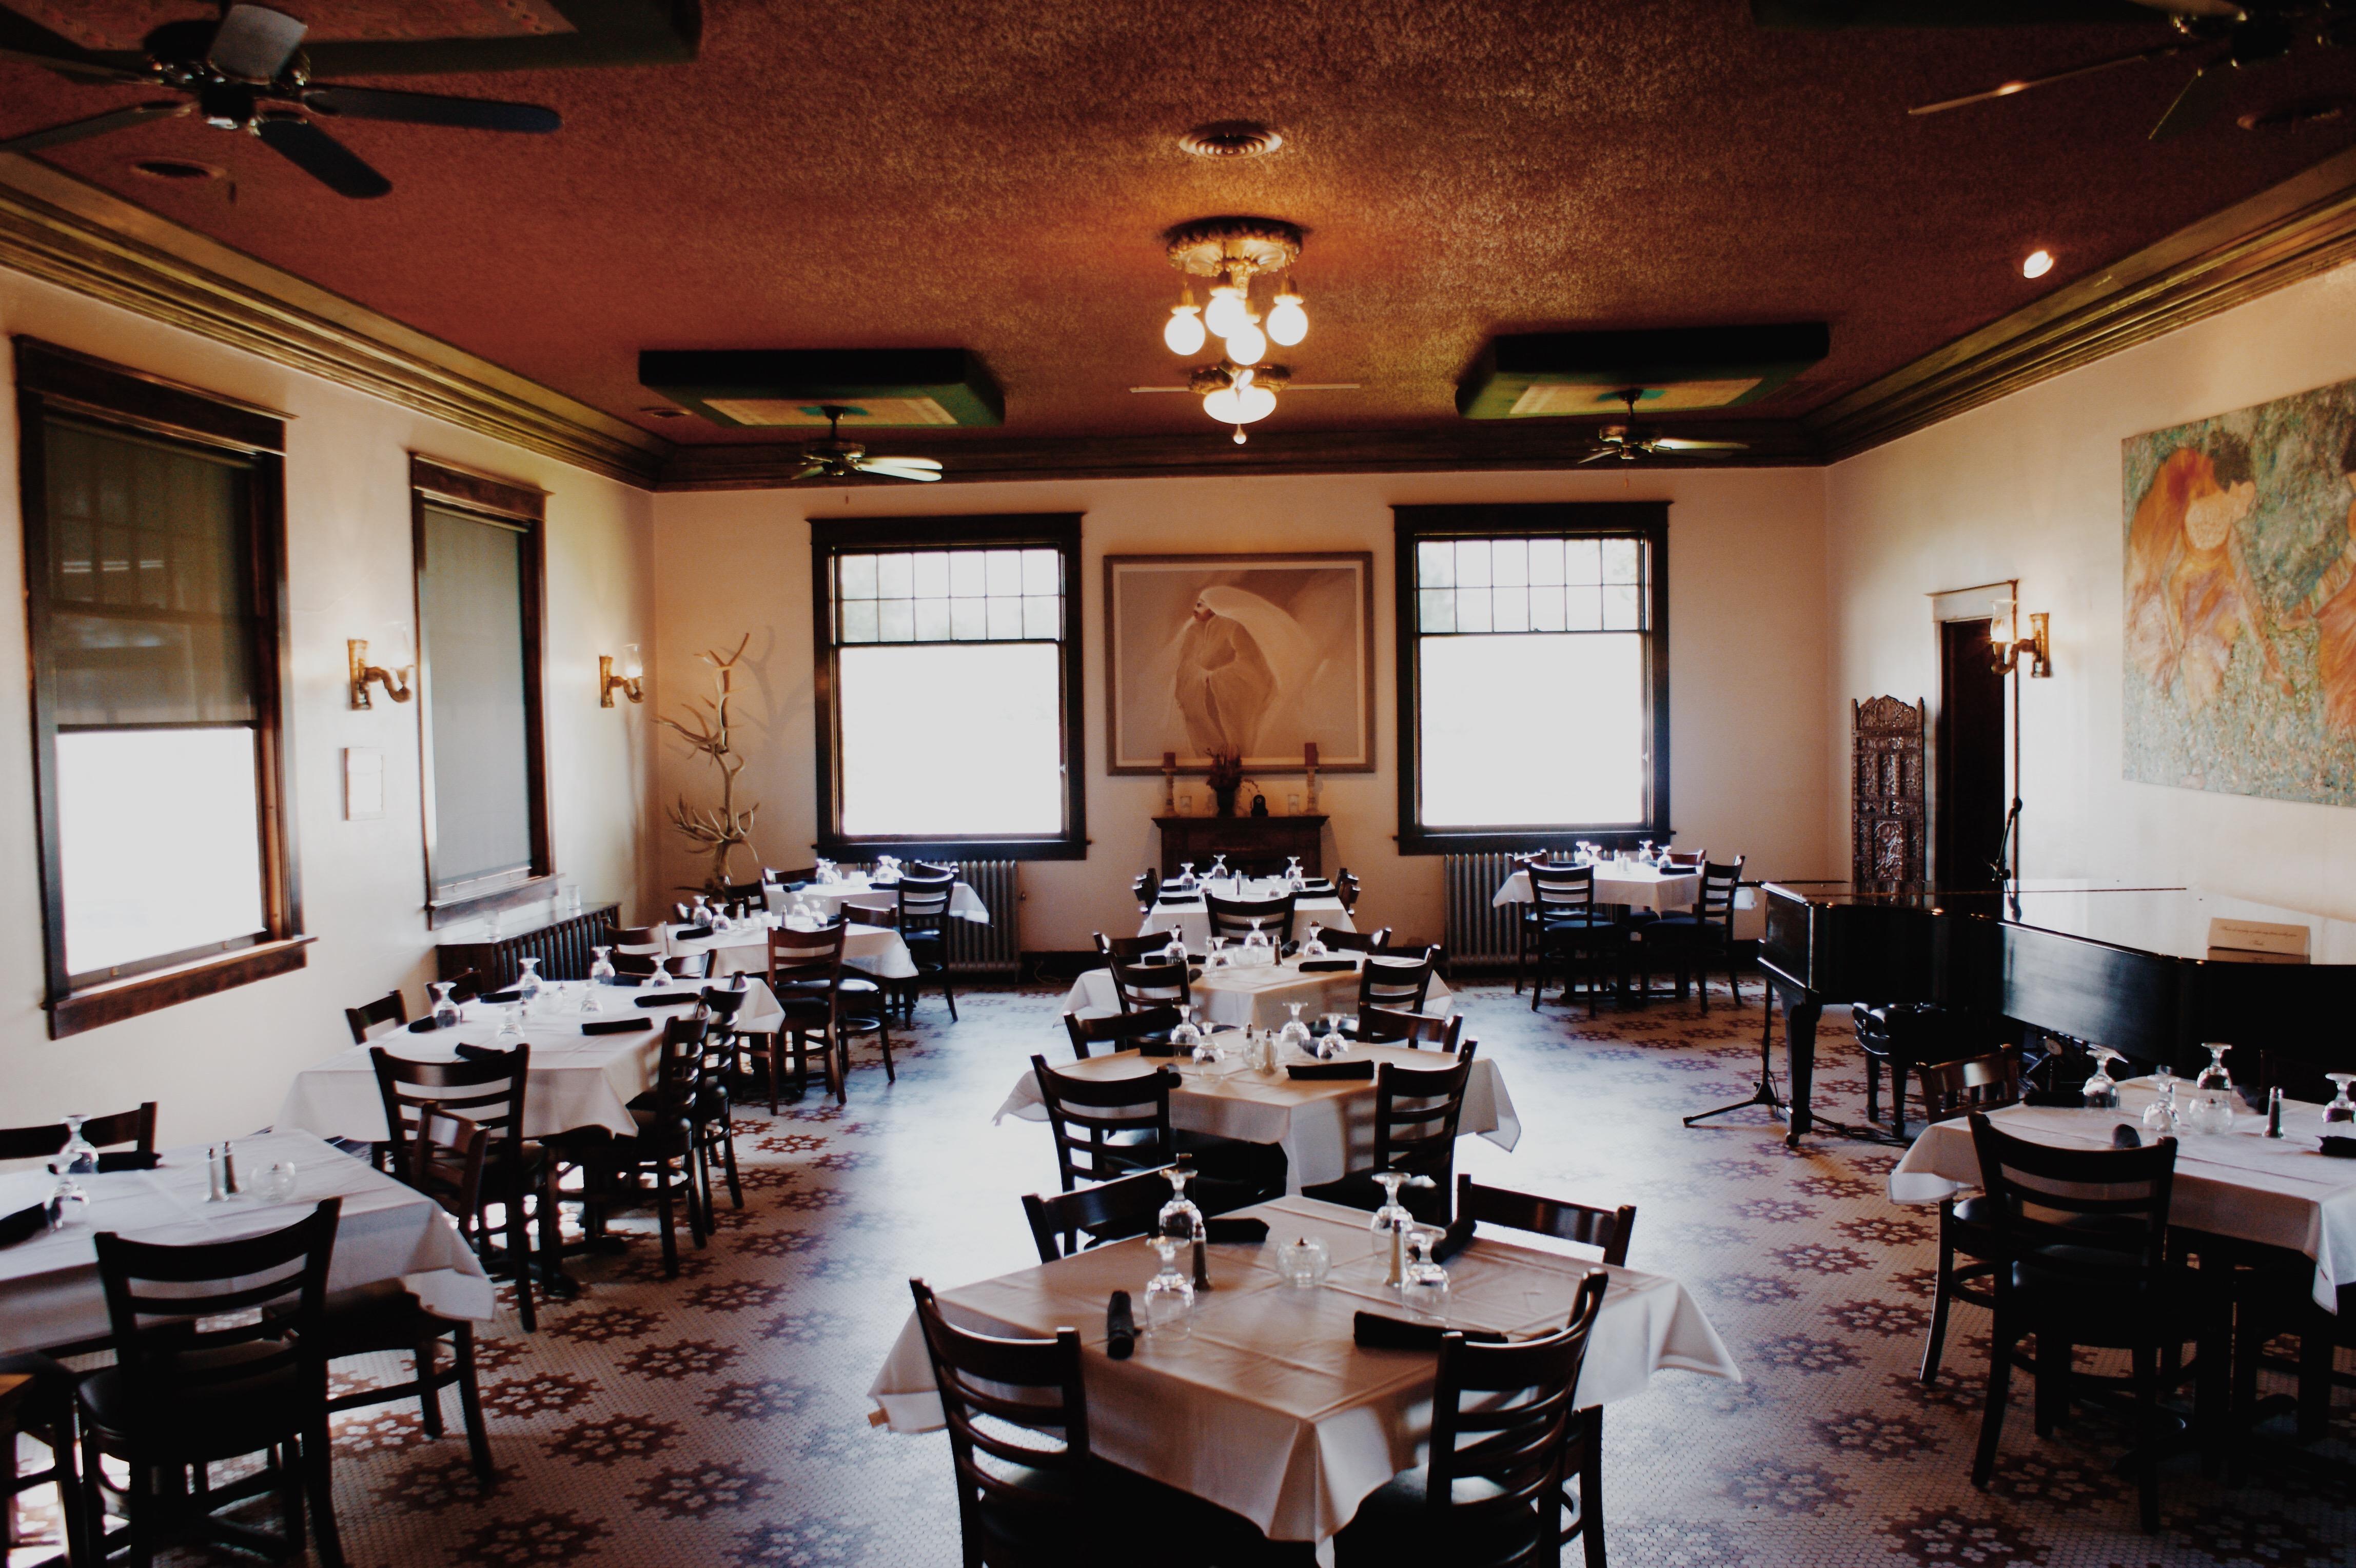 Higgins Restaurant And Bar